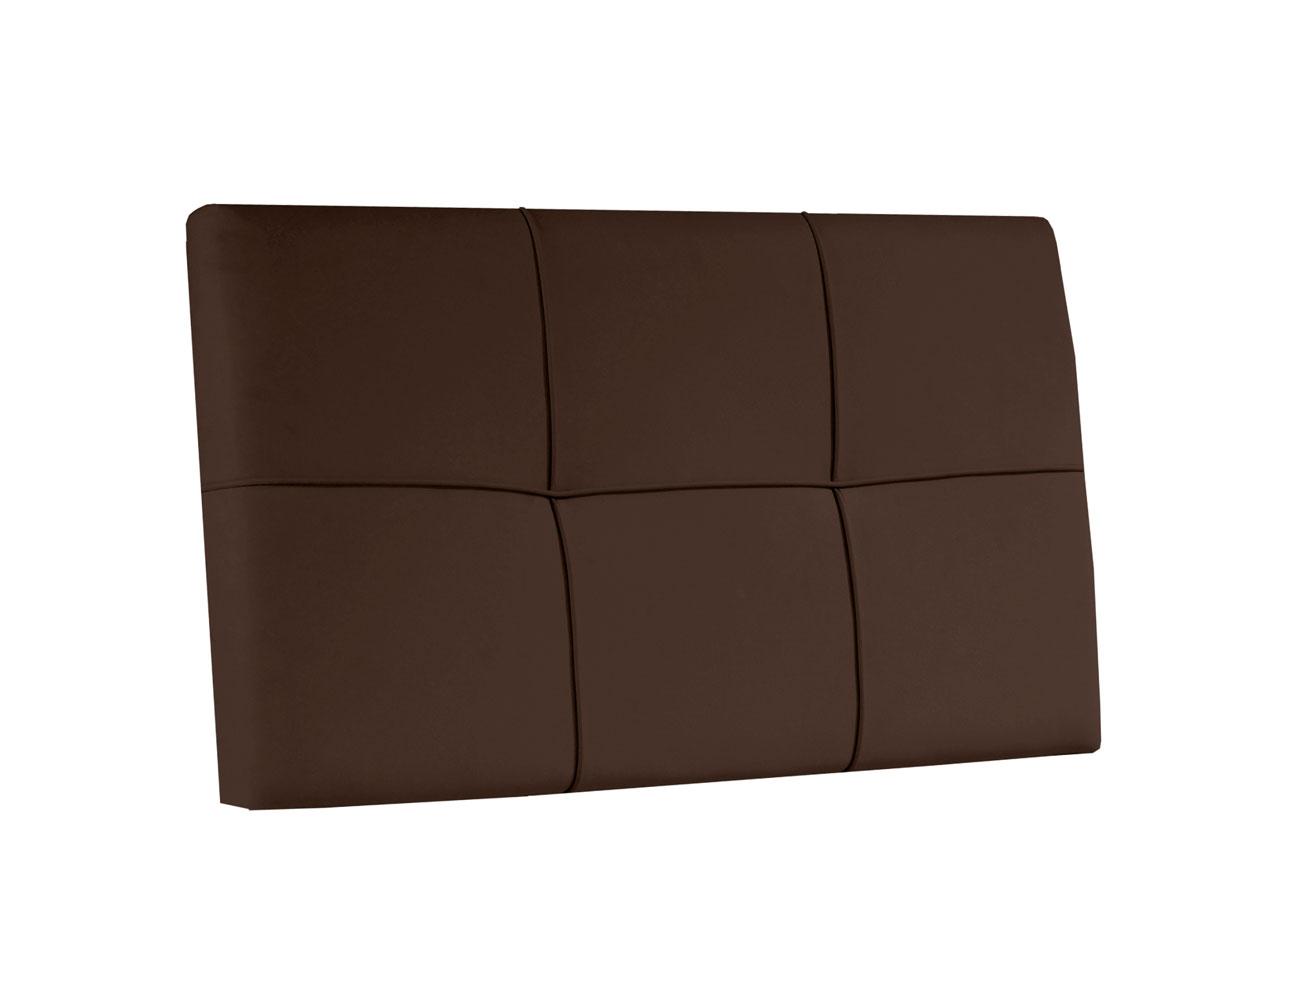 Cabecero colgar polipiel cuadros chocolate juvenil